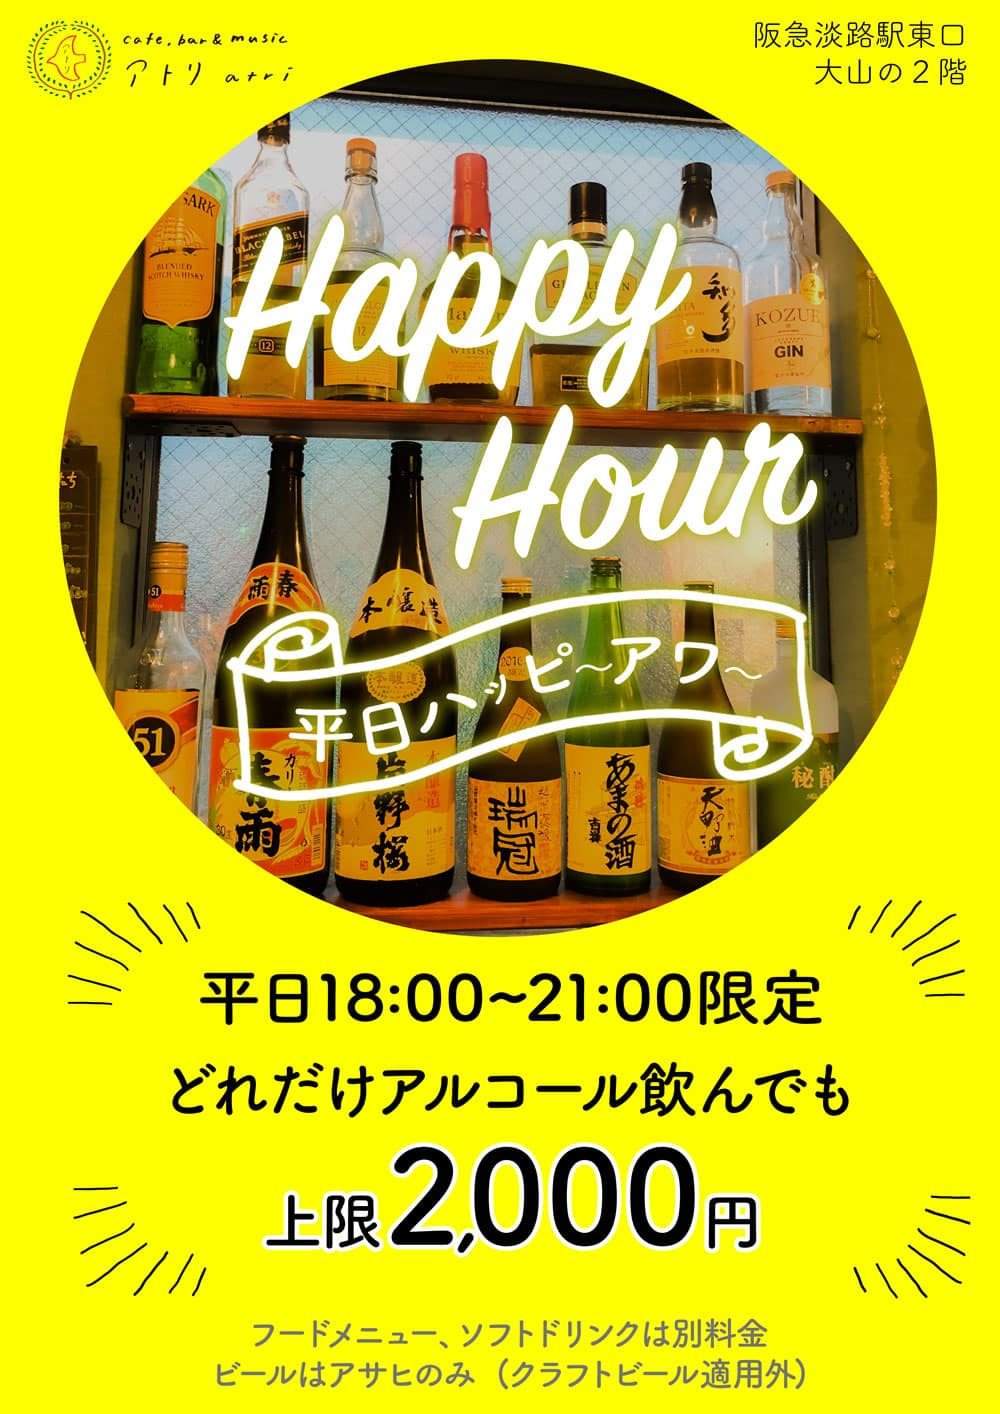 淡路駅前アトリ、平日飲み放題!?